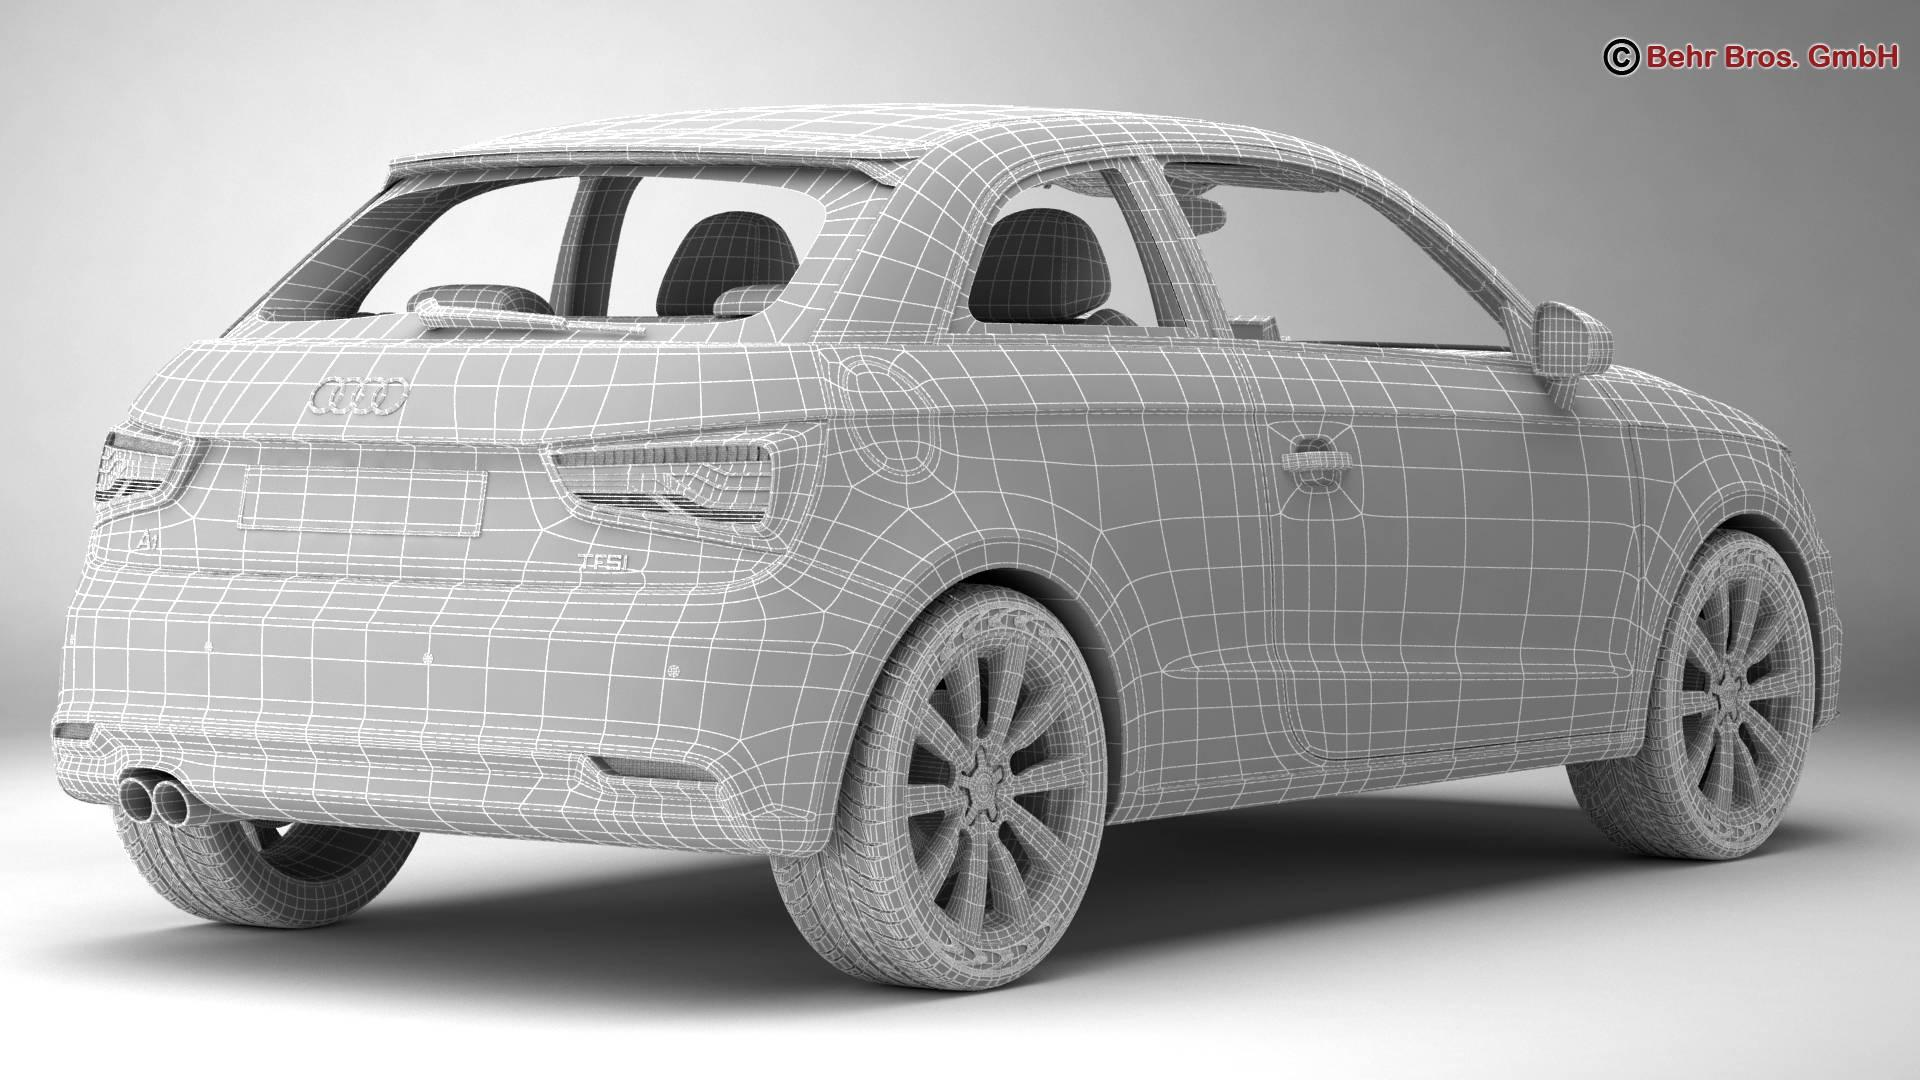 Audi a1 2015 3d model 3ds max fbx c4d am fwy o wybodaeth 214712